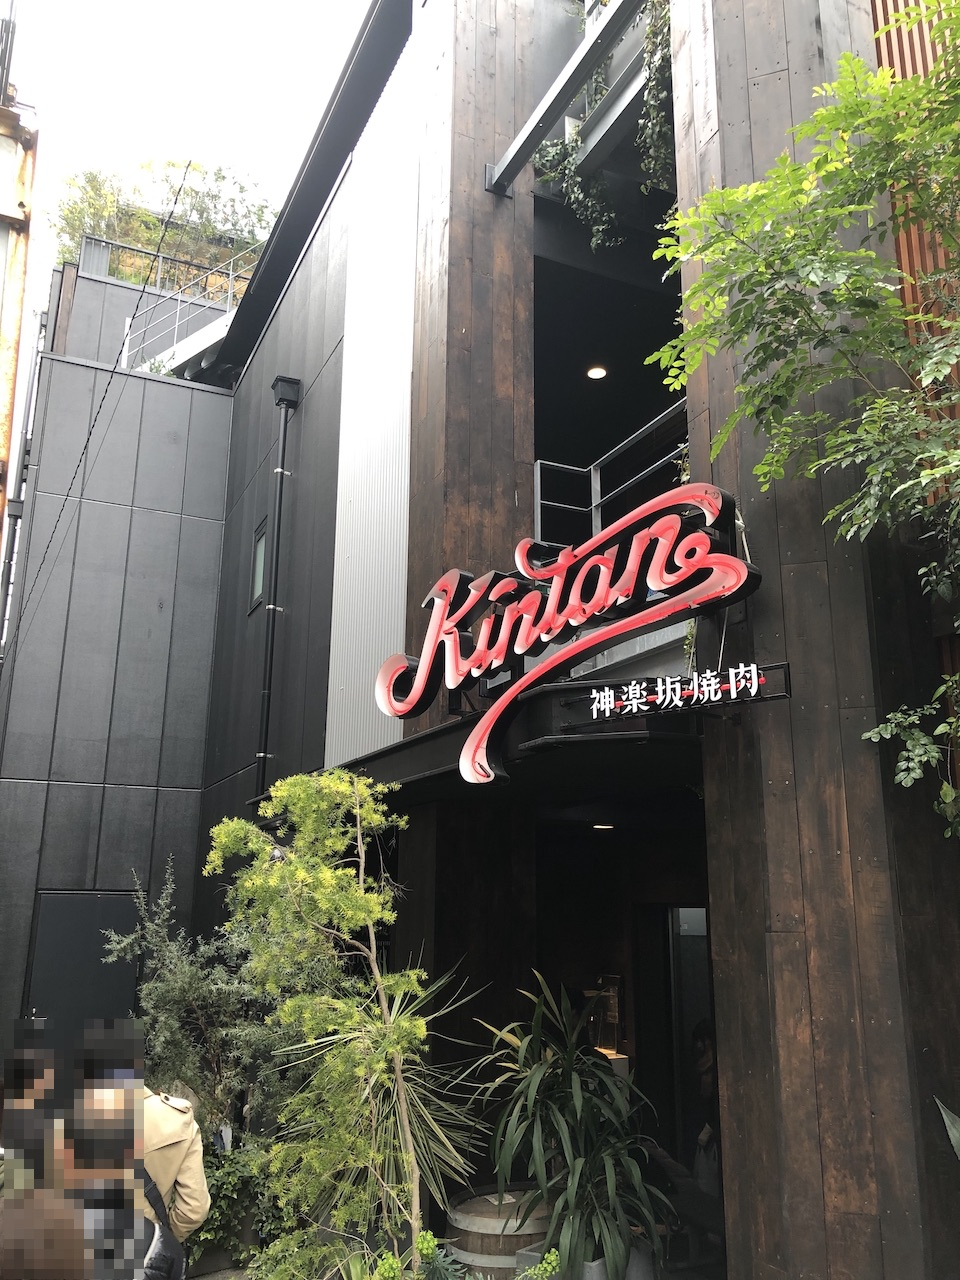 神楽坂の「kintan」で絶品焼肉コースランチをいただきました!